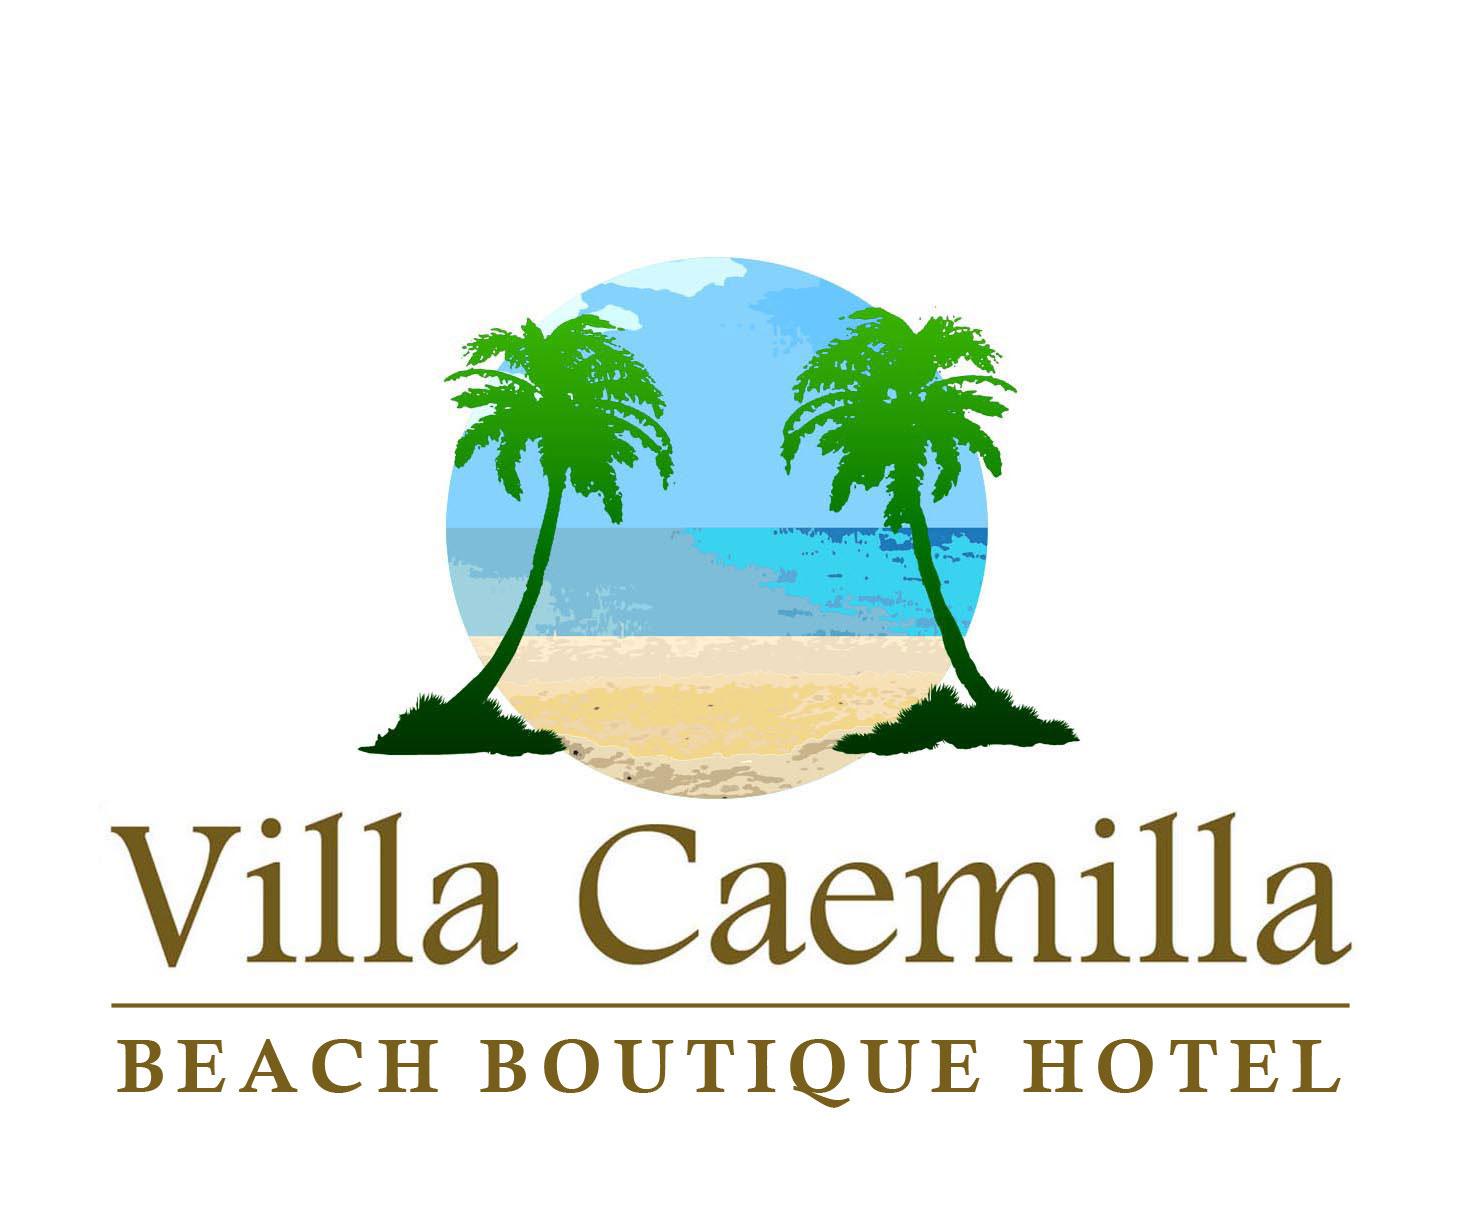 villacaemilla